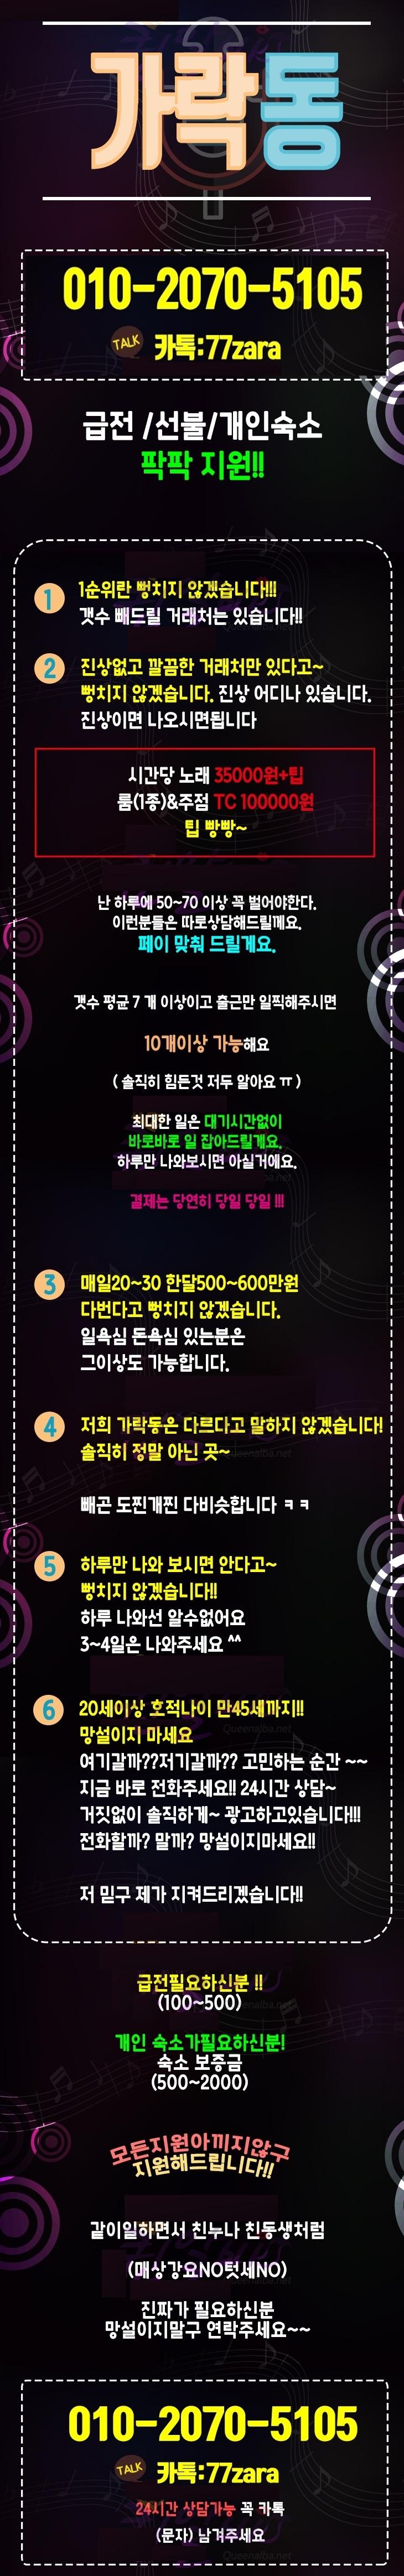 서울 송파구 가락동 24시 룬싸롱